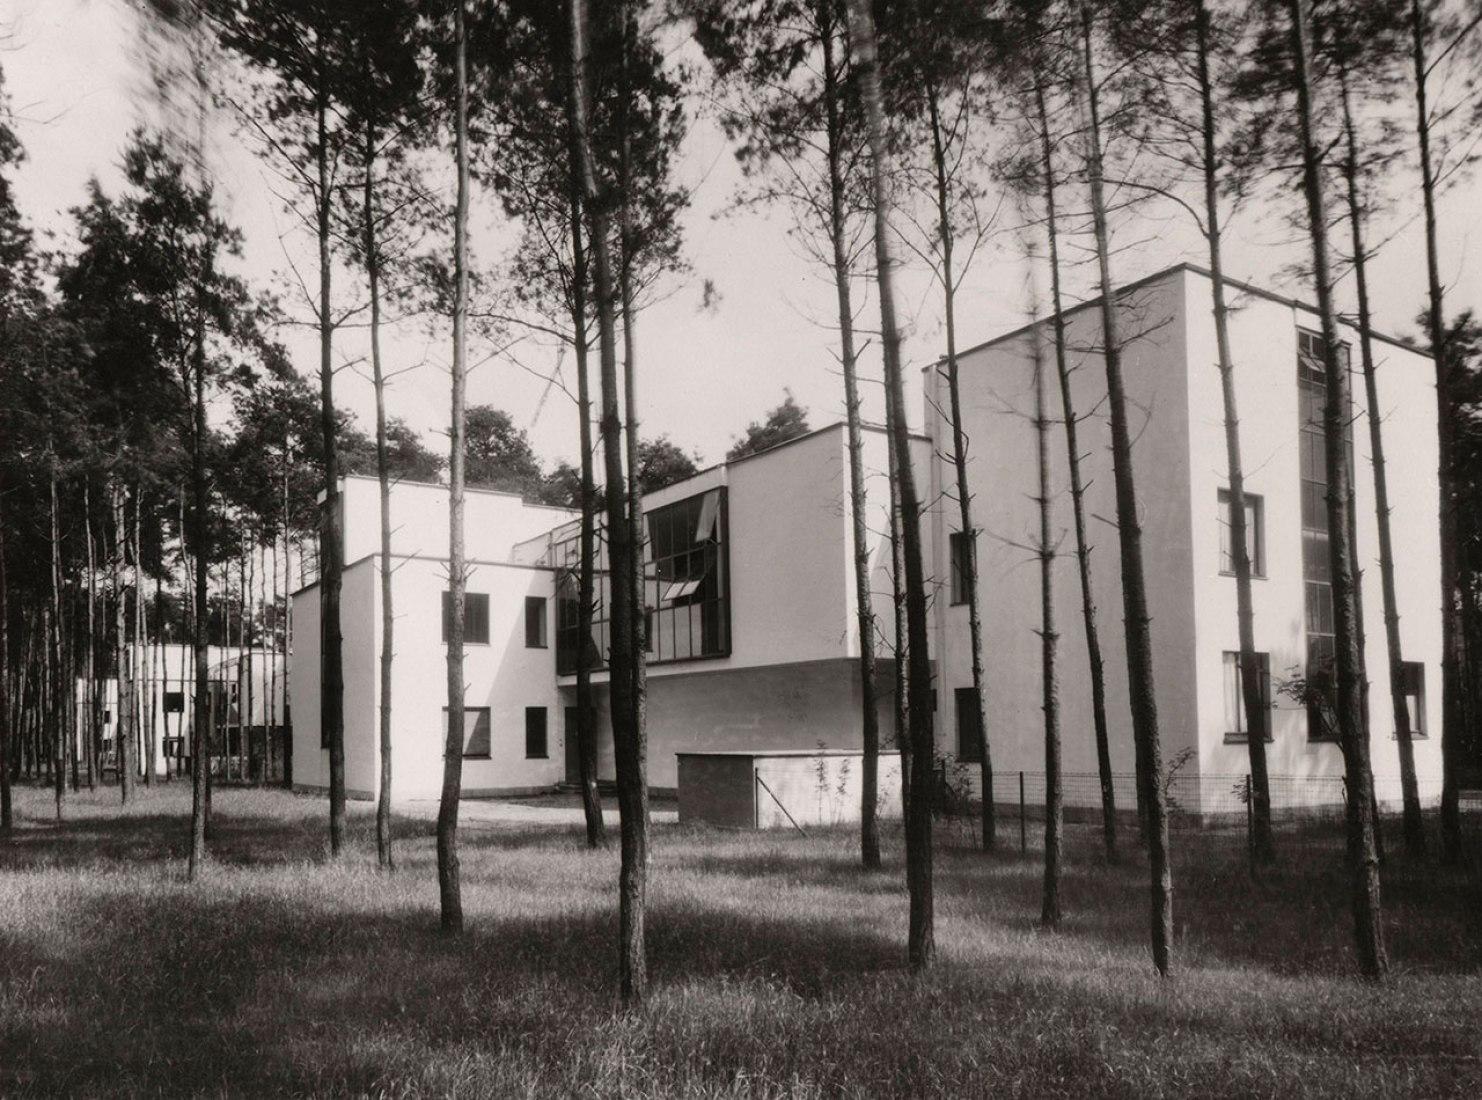 La modernidad era una provocación en Dessau en los años de 1920. En primer plano, las casas de Kandinsky y Klee. Fotografía por Lucia Moholy-Nagy, 1927, © Bauhaus-Archiv Berlín / VG Bild-Kunst.